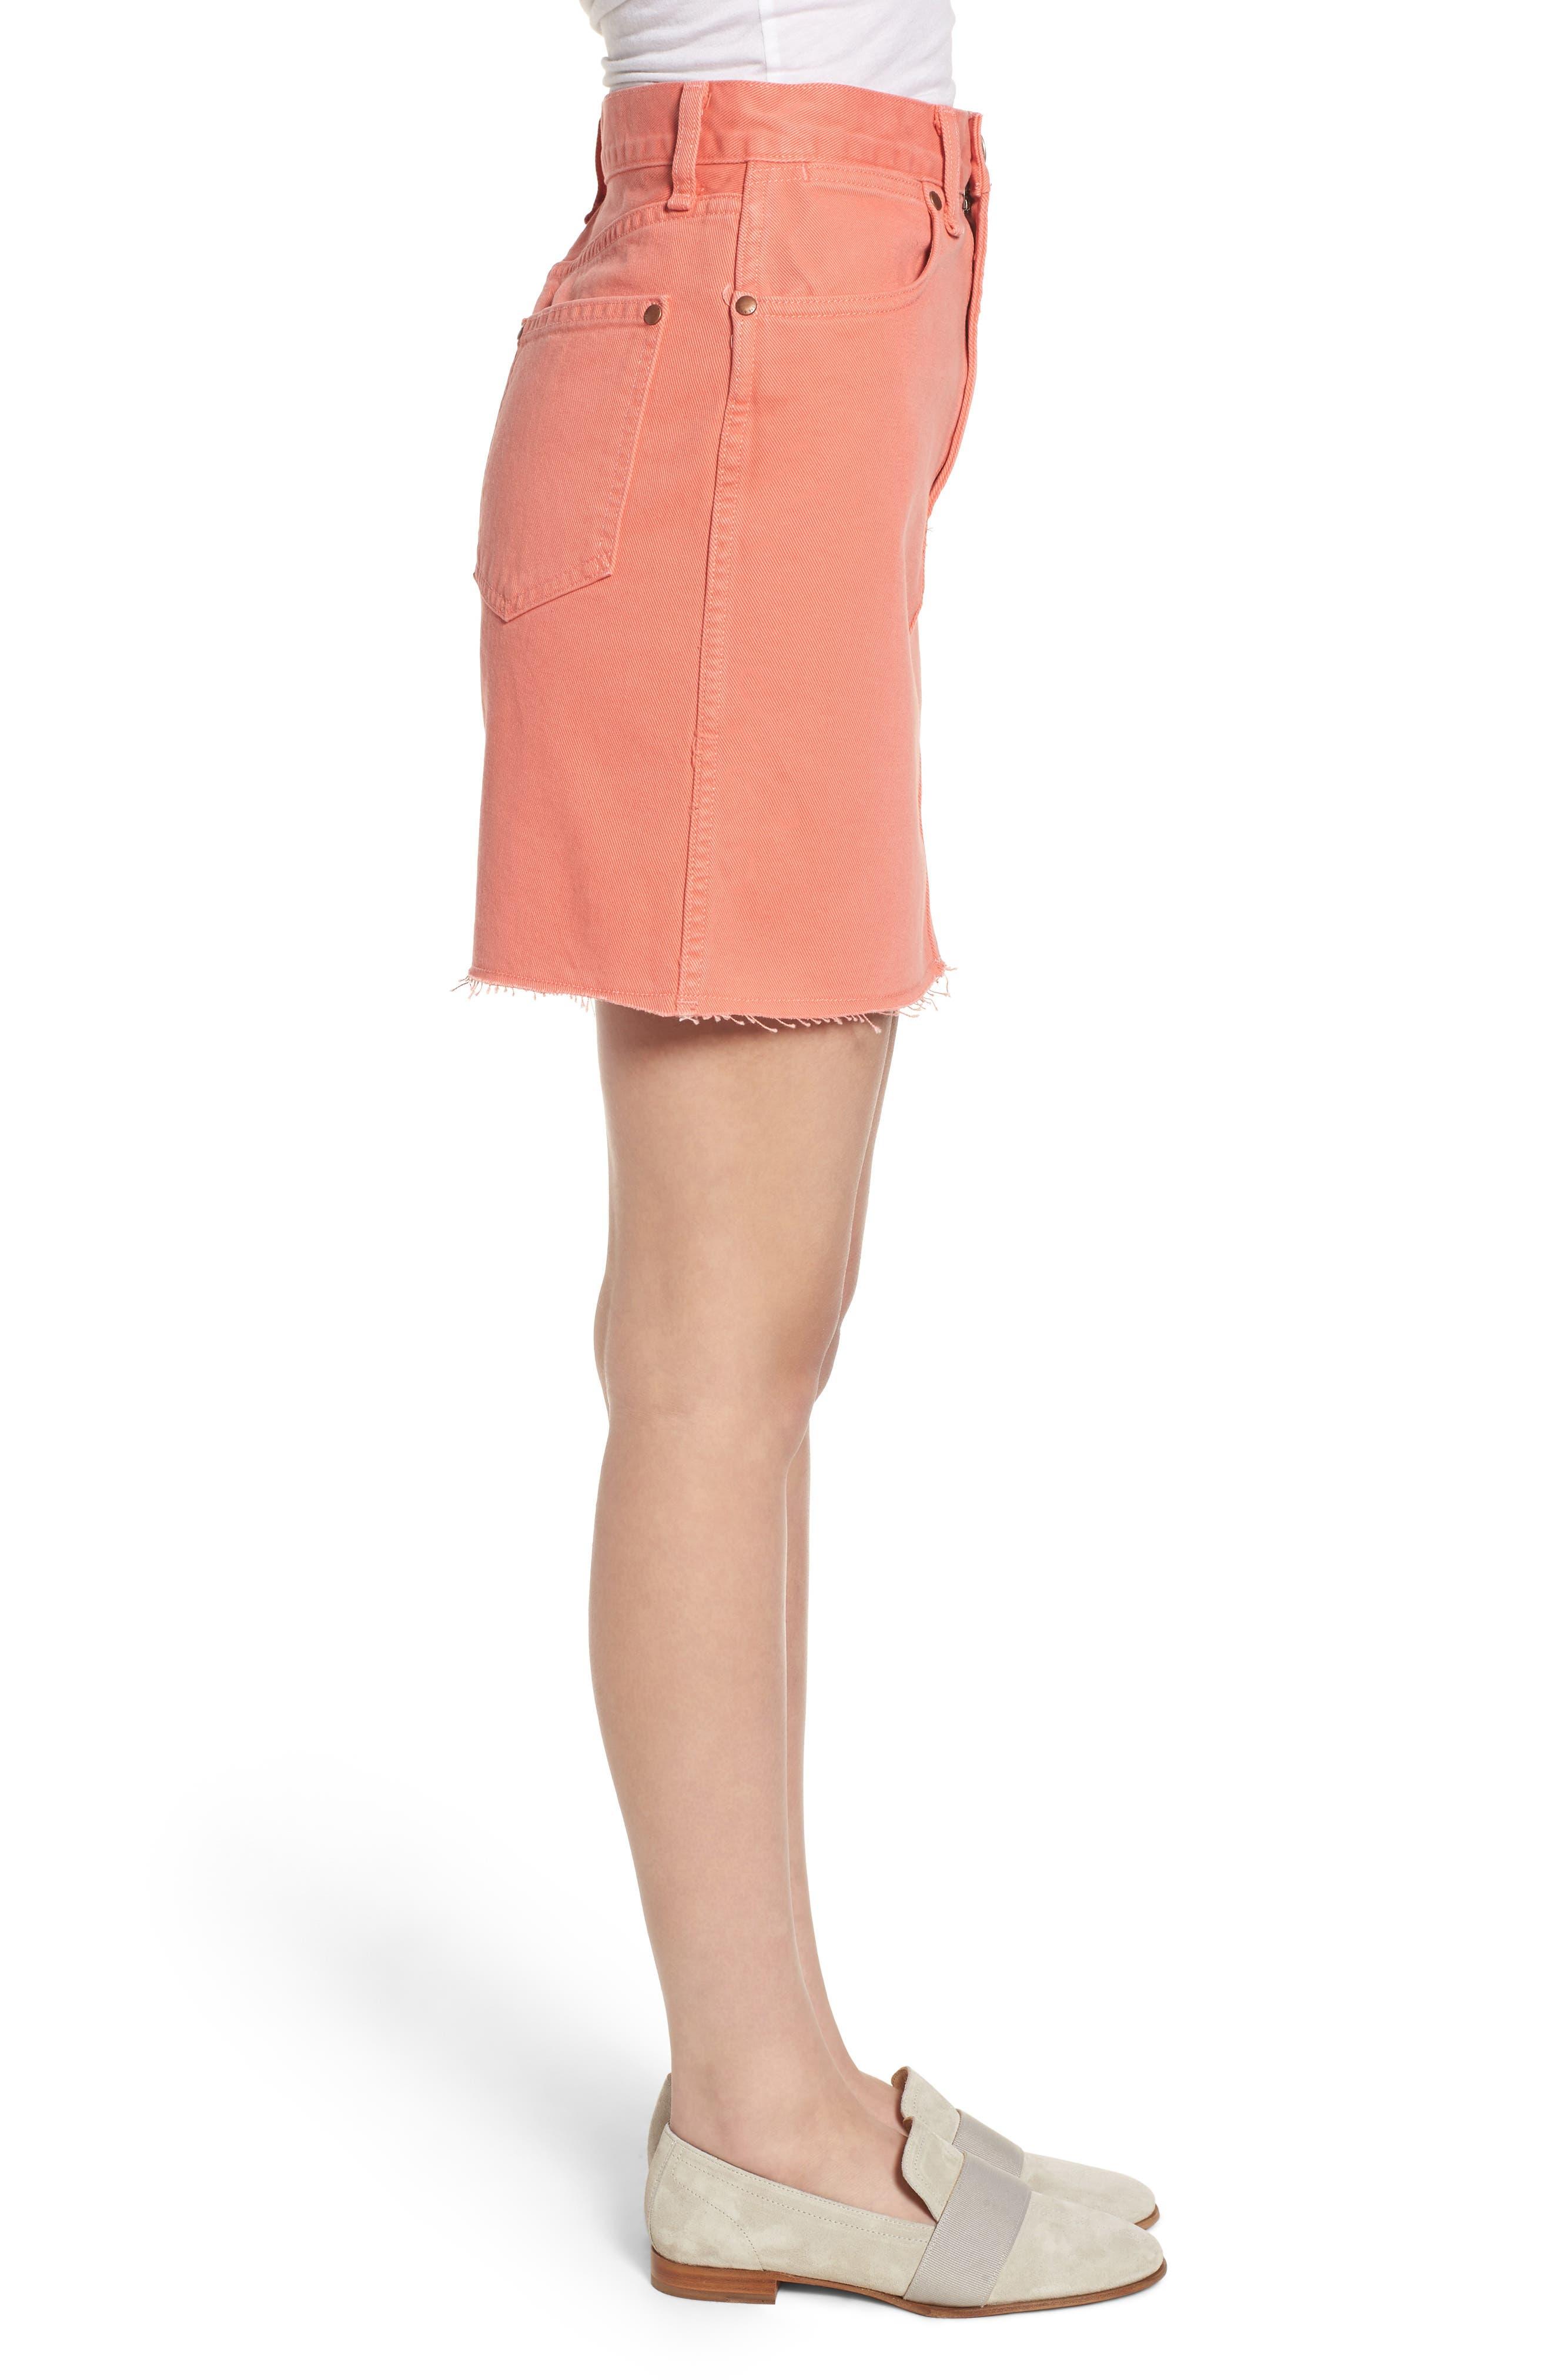 Moss High Waist Denim Miniskirt,                             Alternate thumbnail 3, color,                             Coral Haze